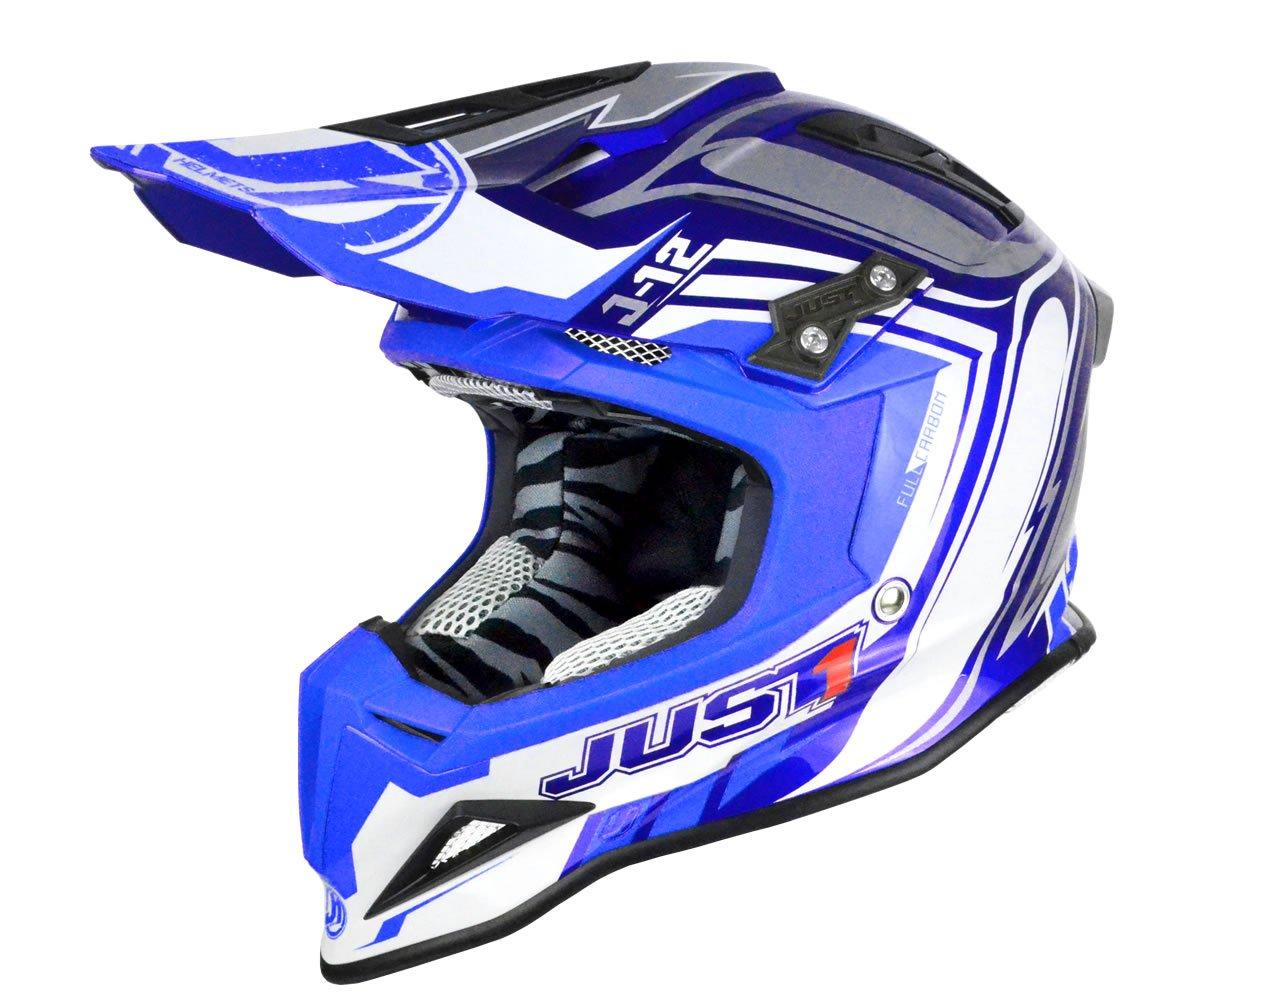 Just 1 Helmets - Casco Motocross J12, Blu, XS